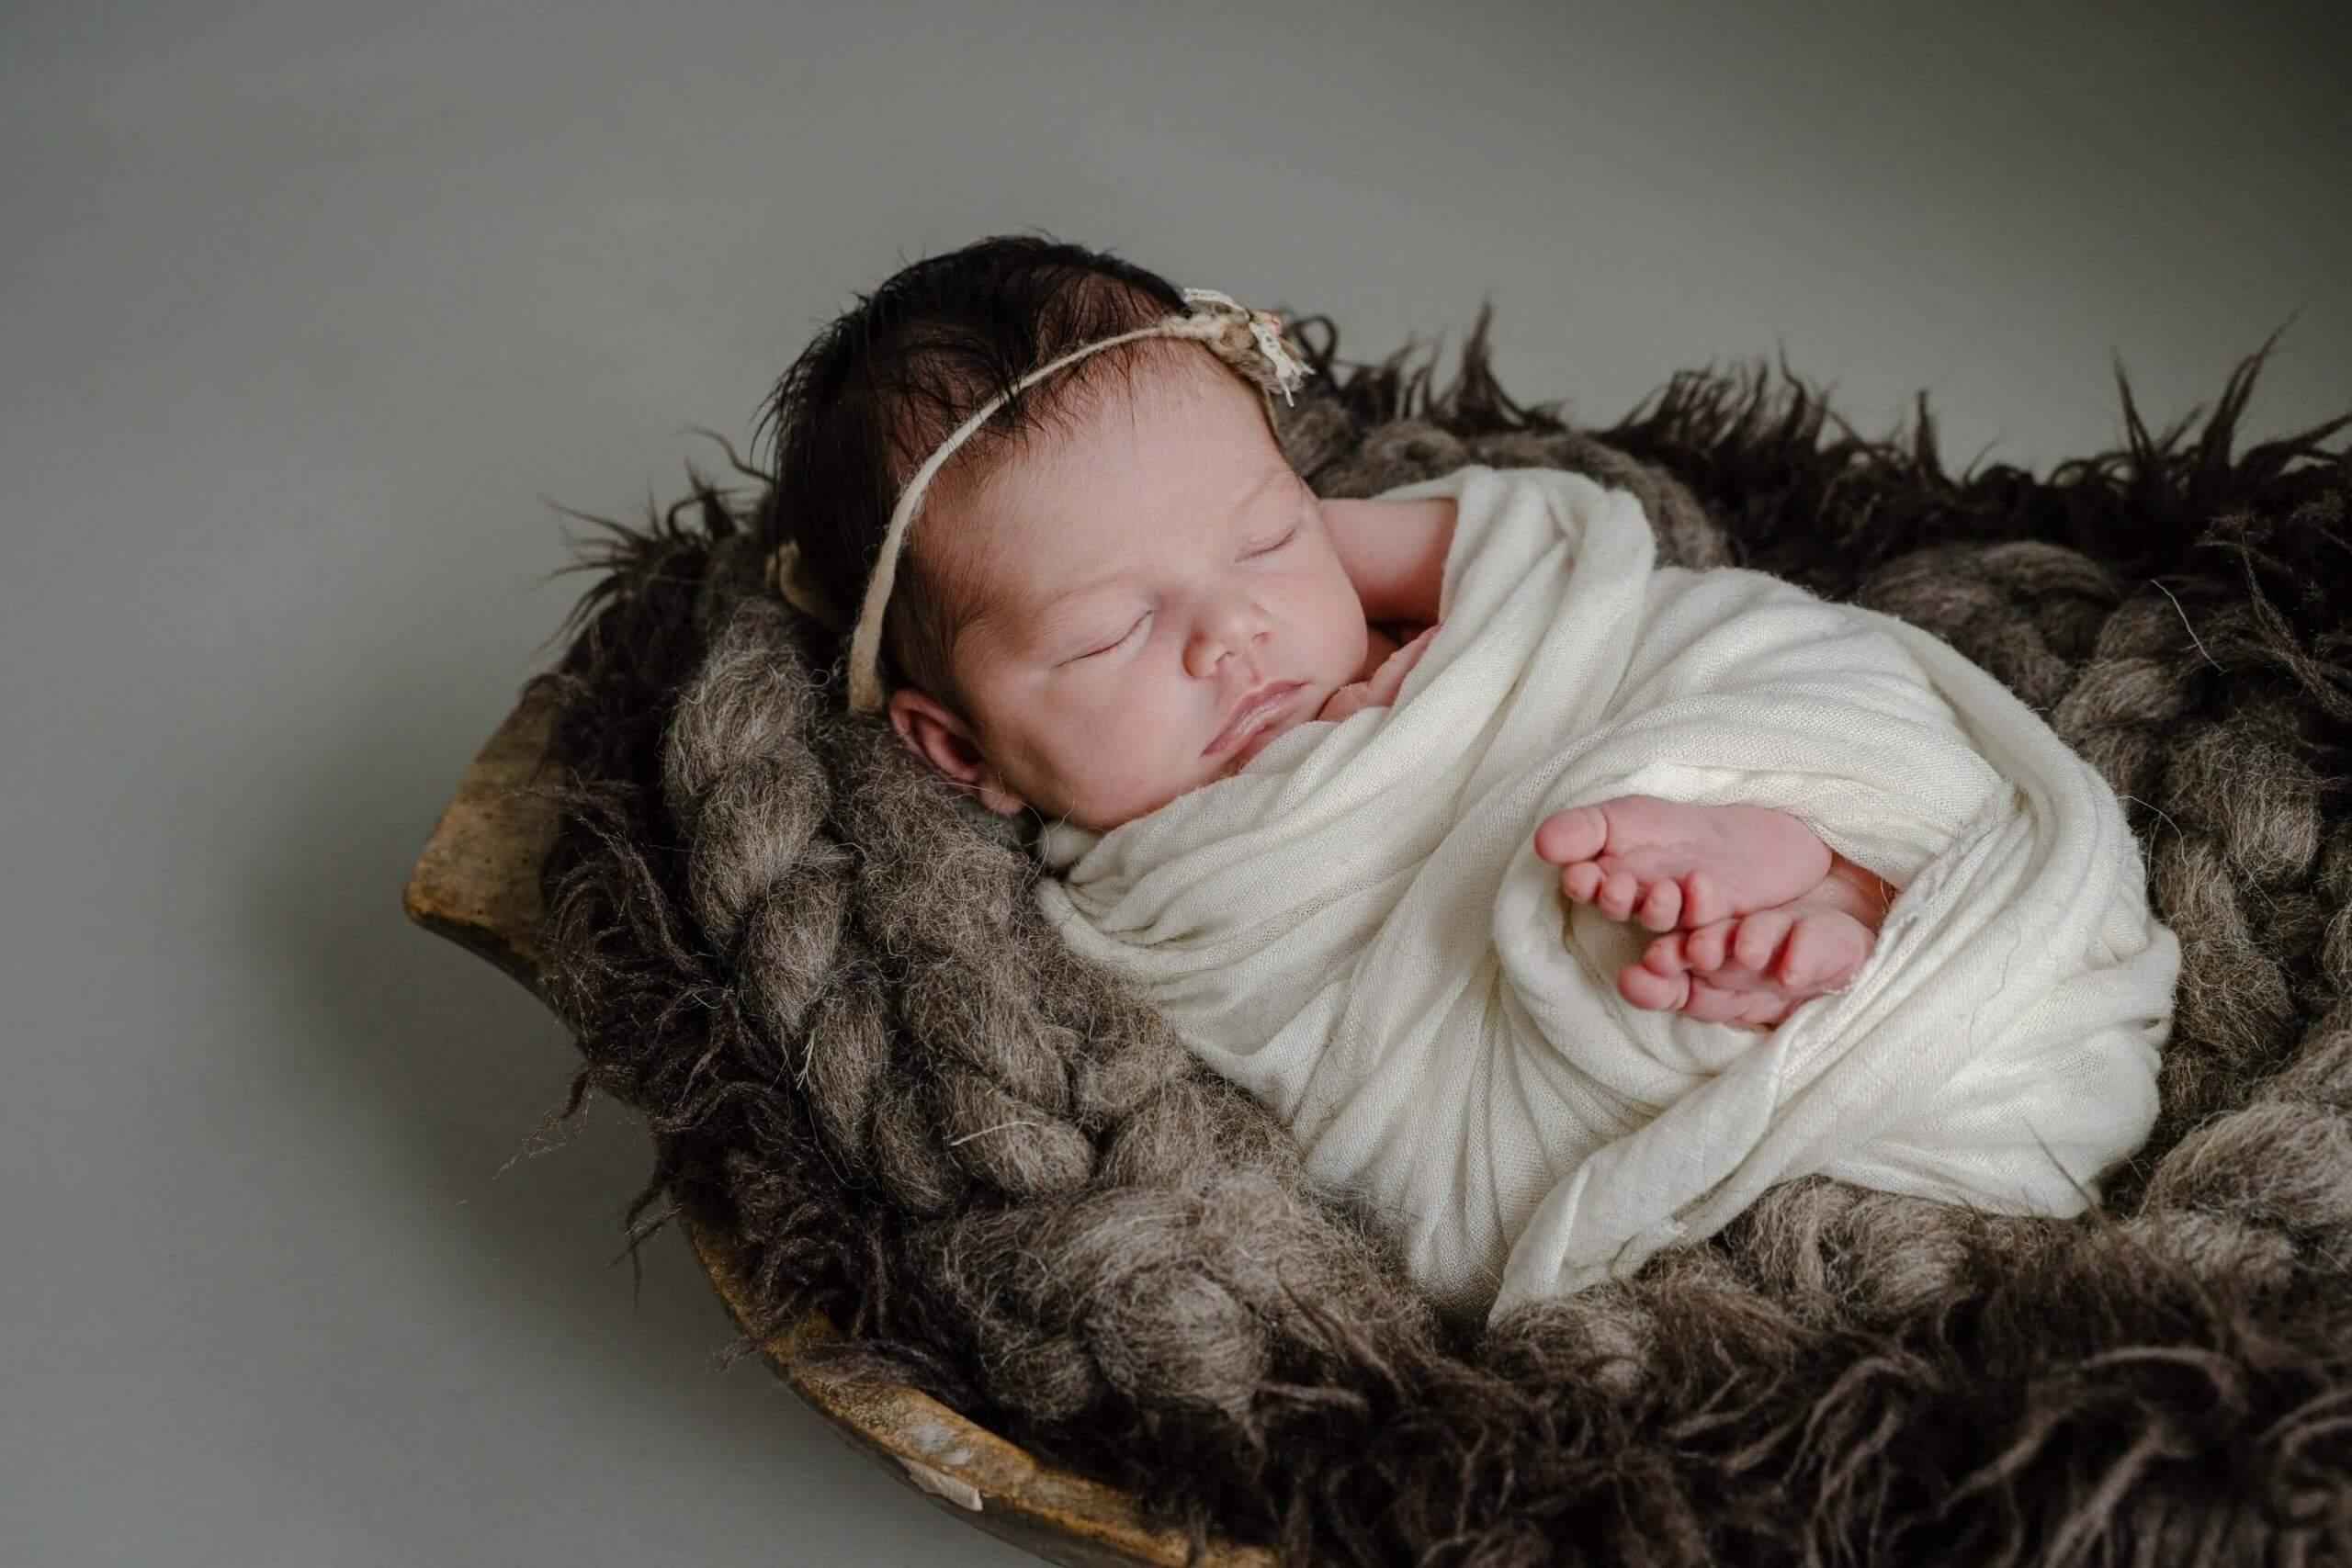 Newborn baby meisje slapen knuffel natuurlijk tinten lief bij je thuis UTrecht